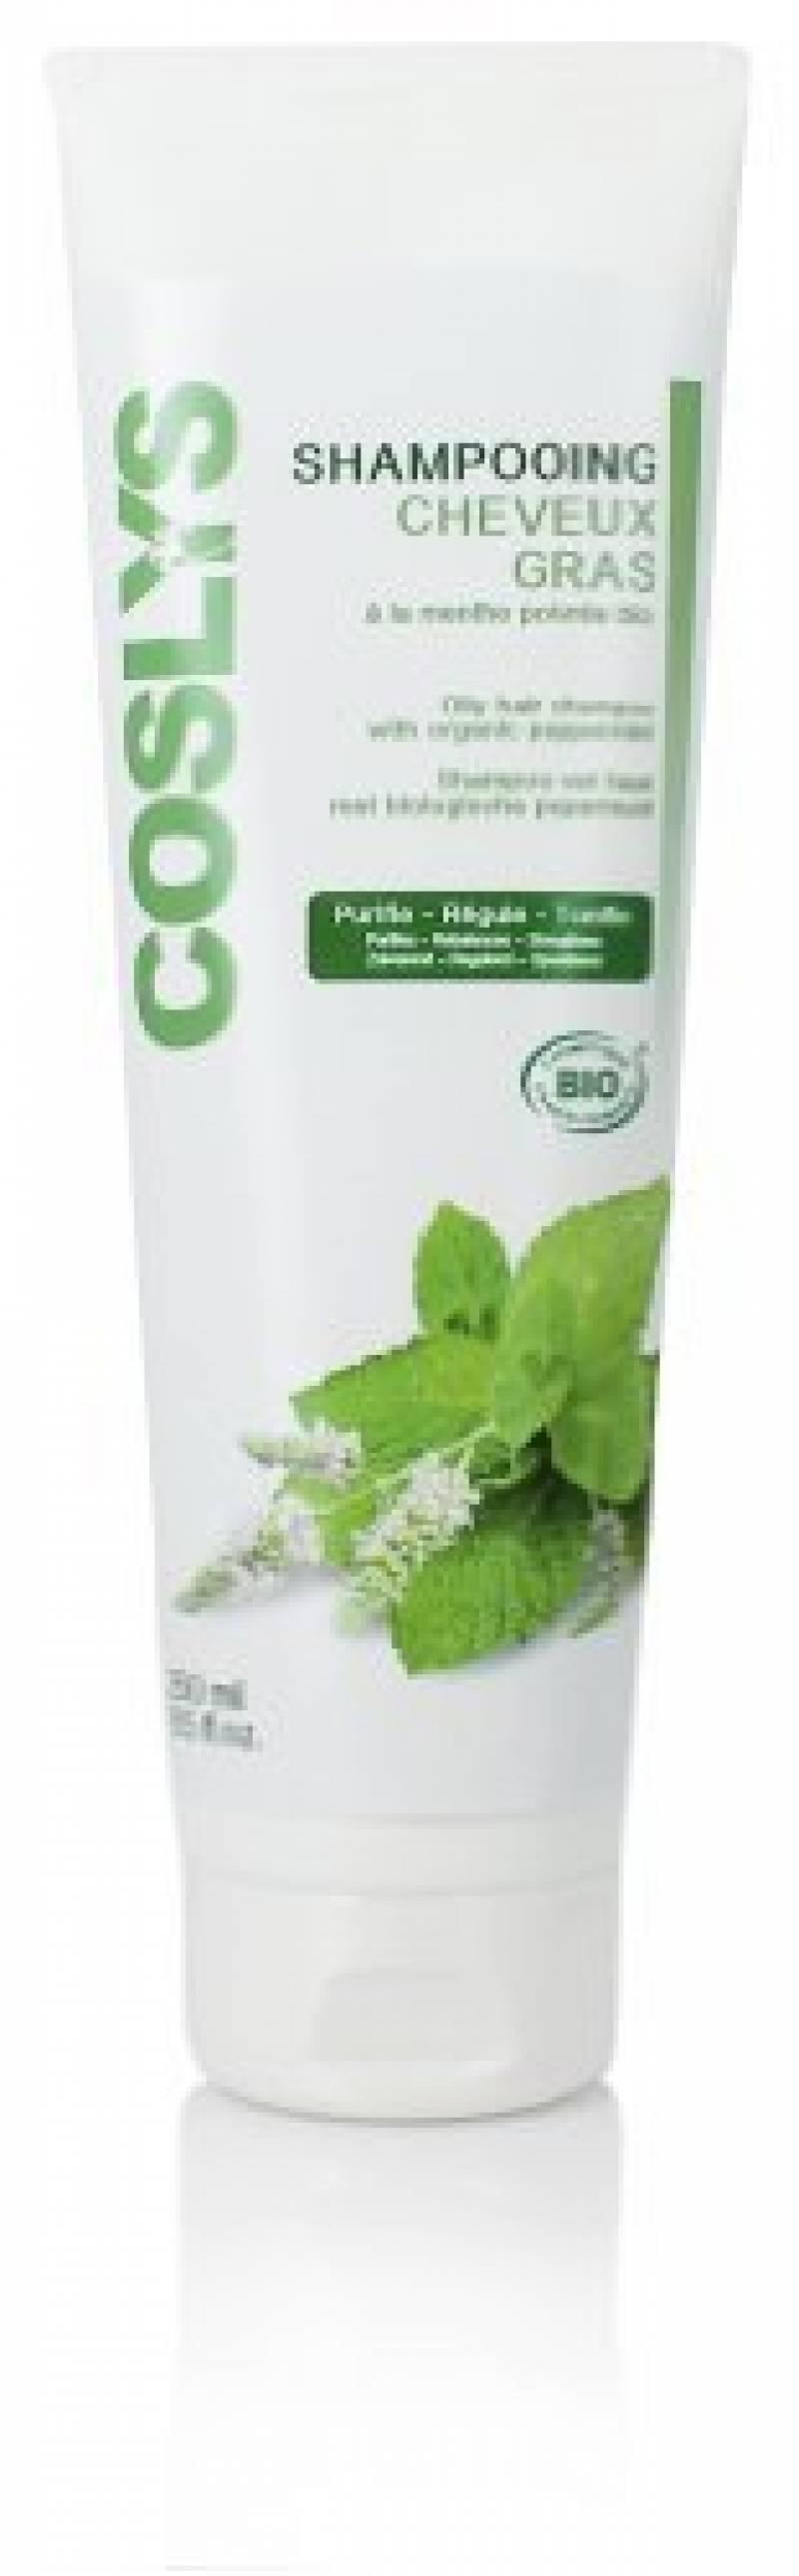 Coslys Shampooing Cheveux Gras à l'Extrait de Yucca 250 ml de la marque Coslys TOP 3 image 0 produit